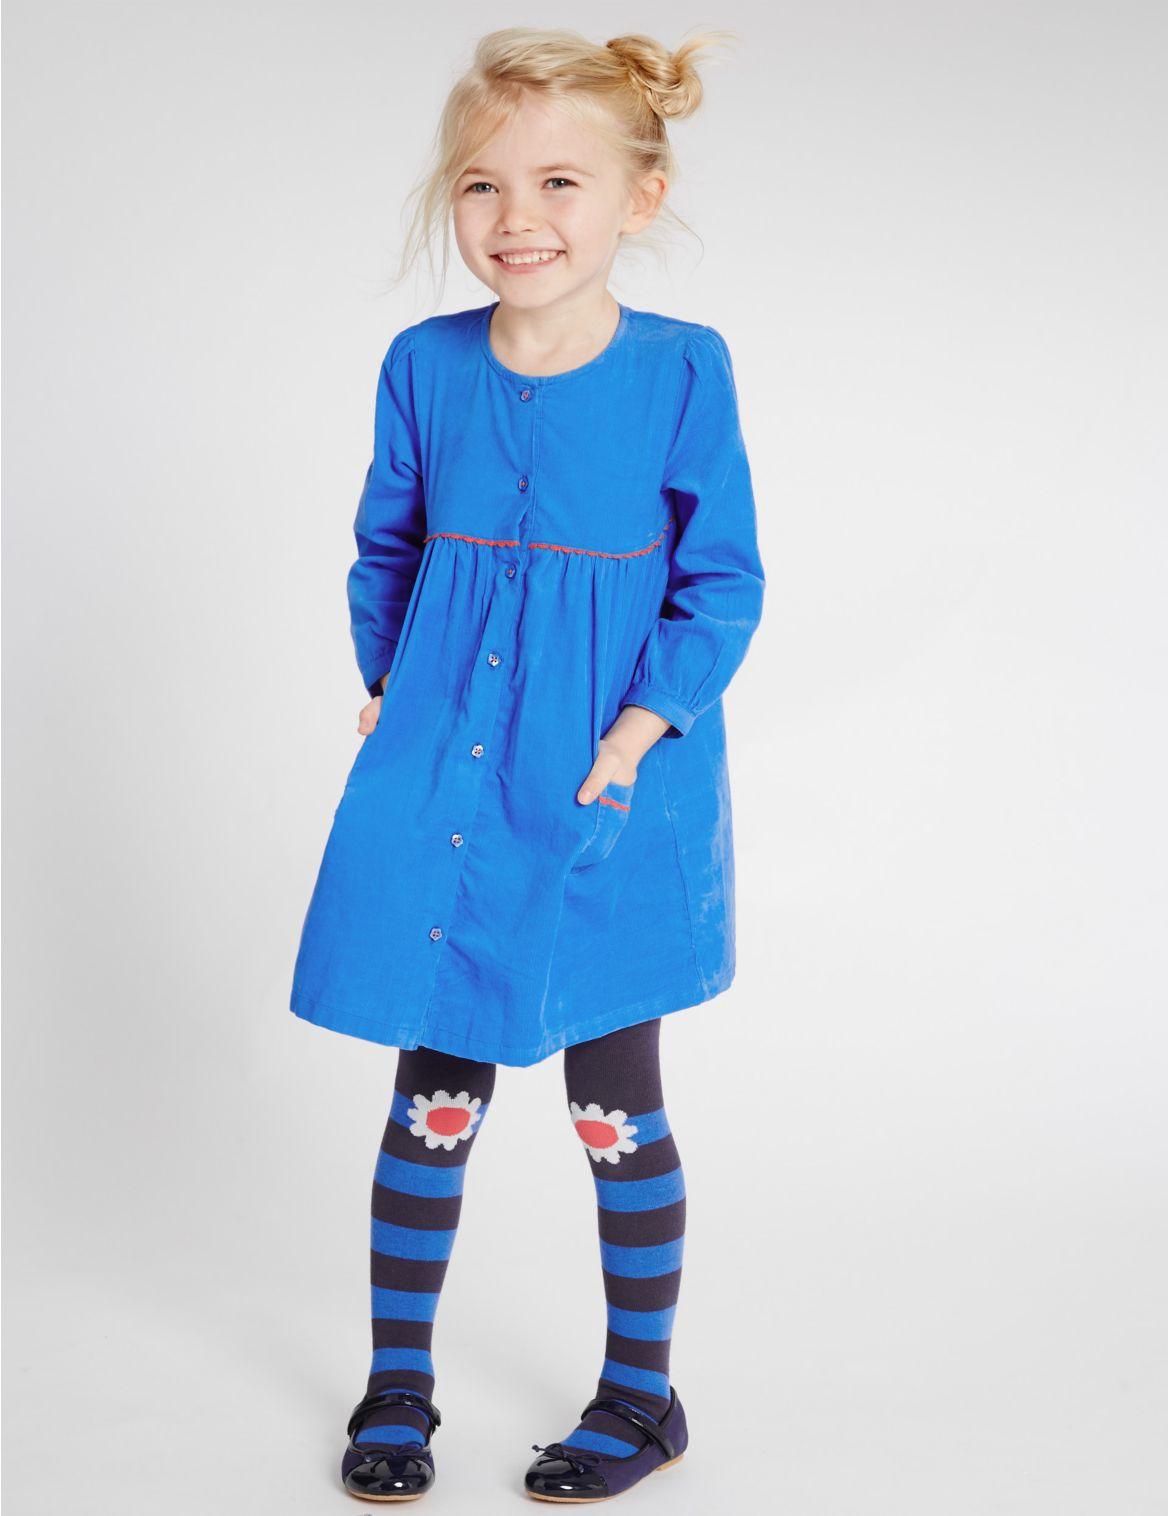 2delige outfit met corduroy jurk